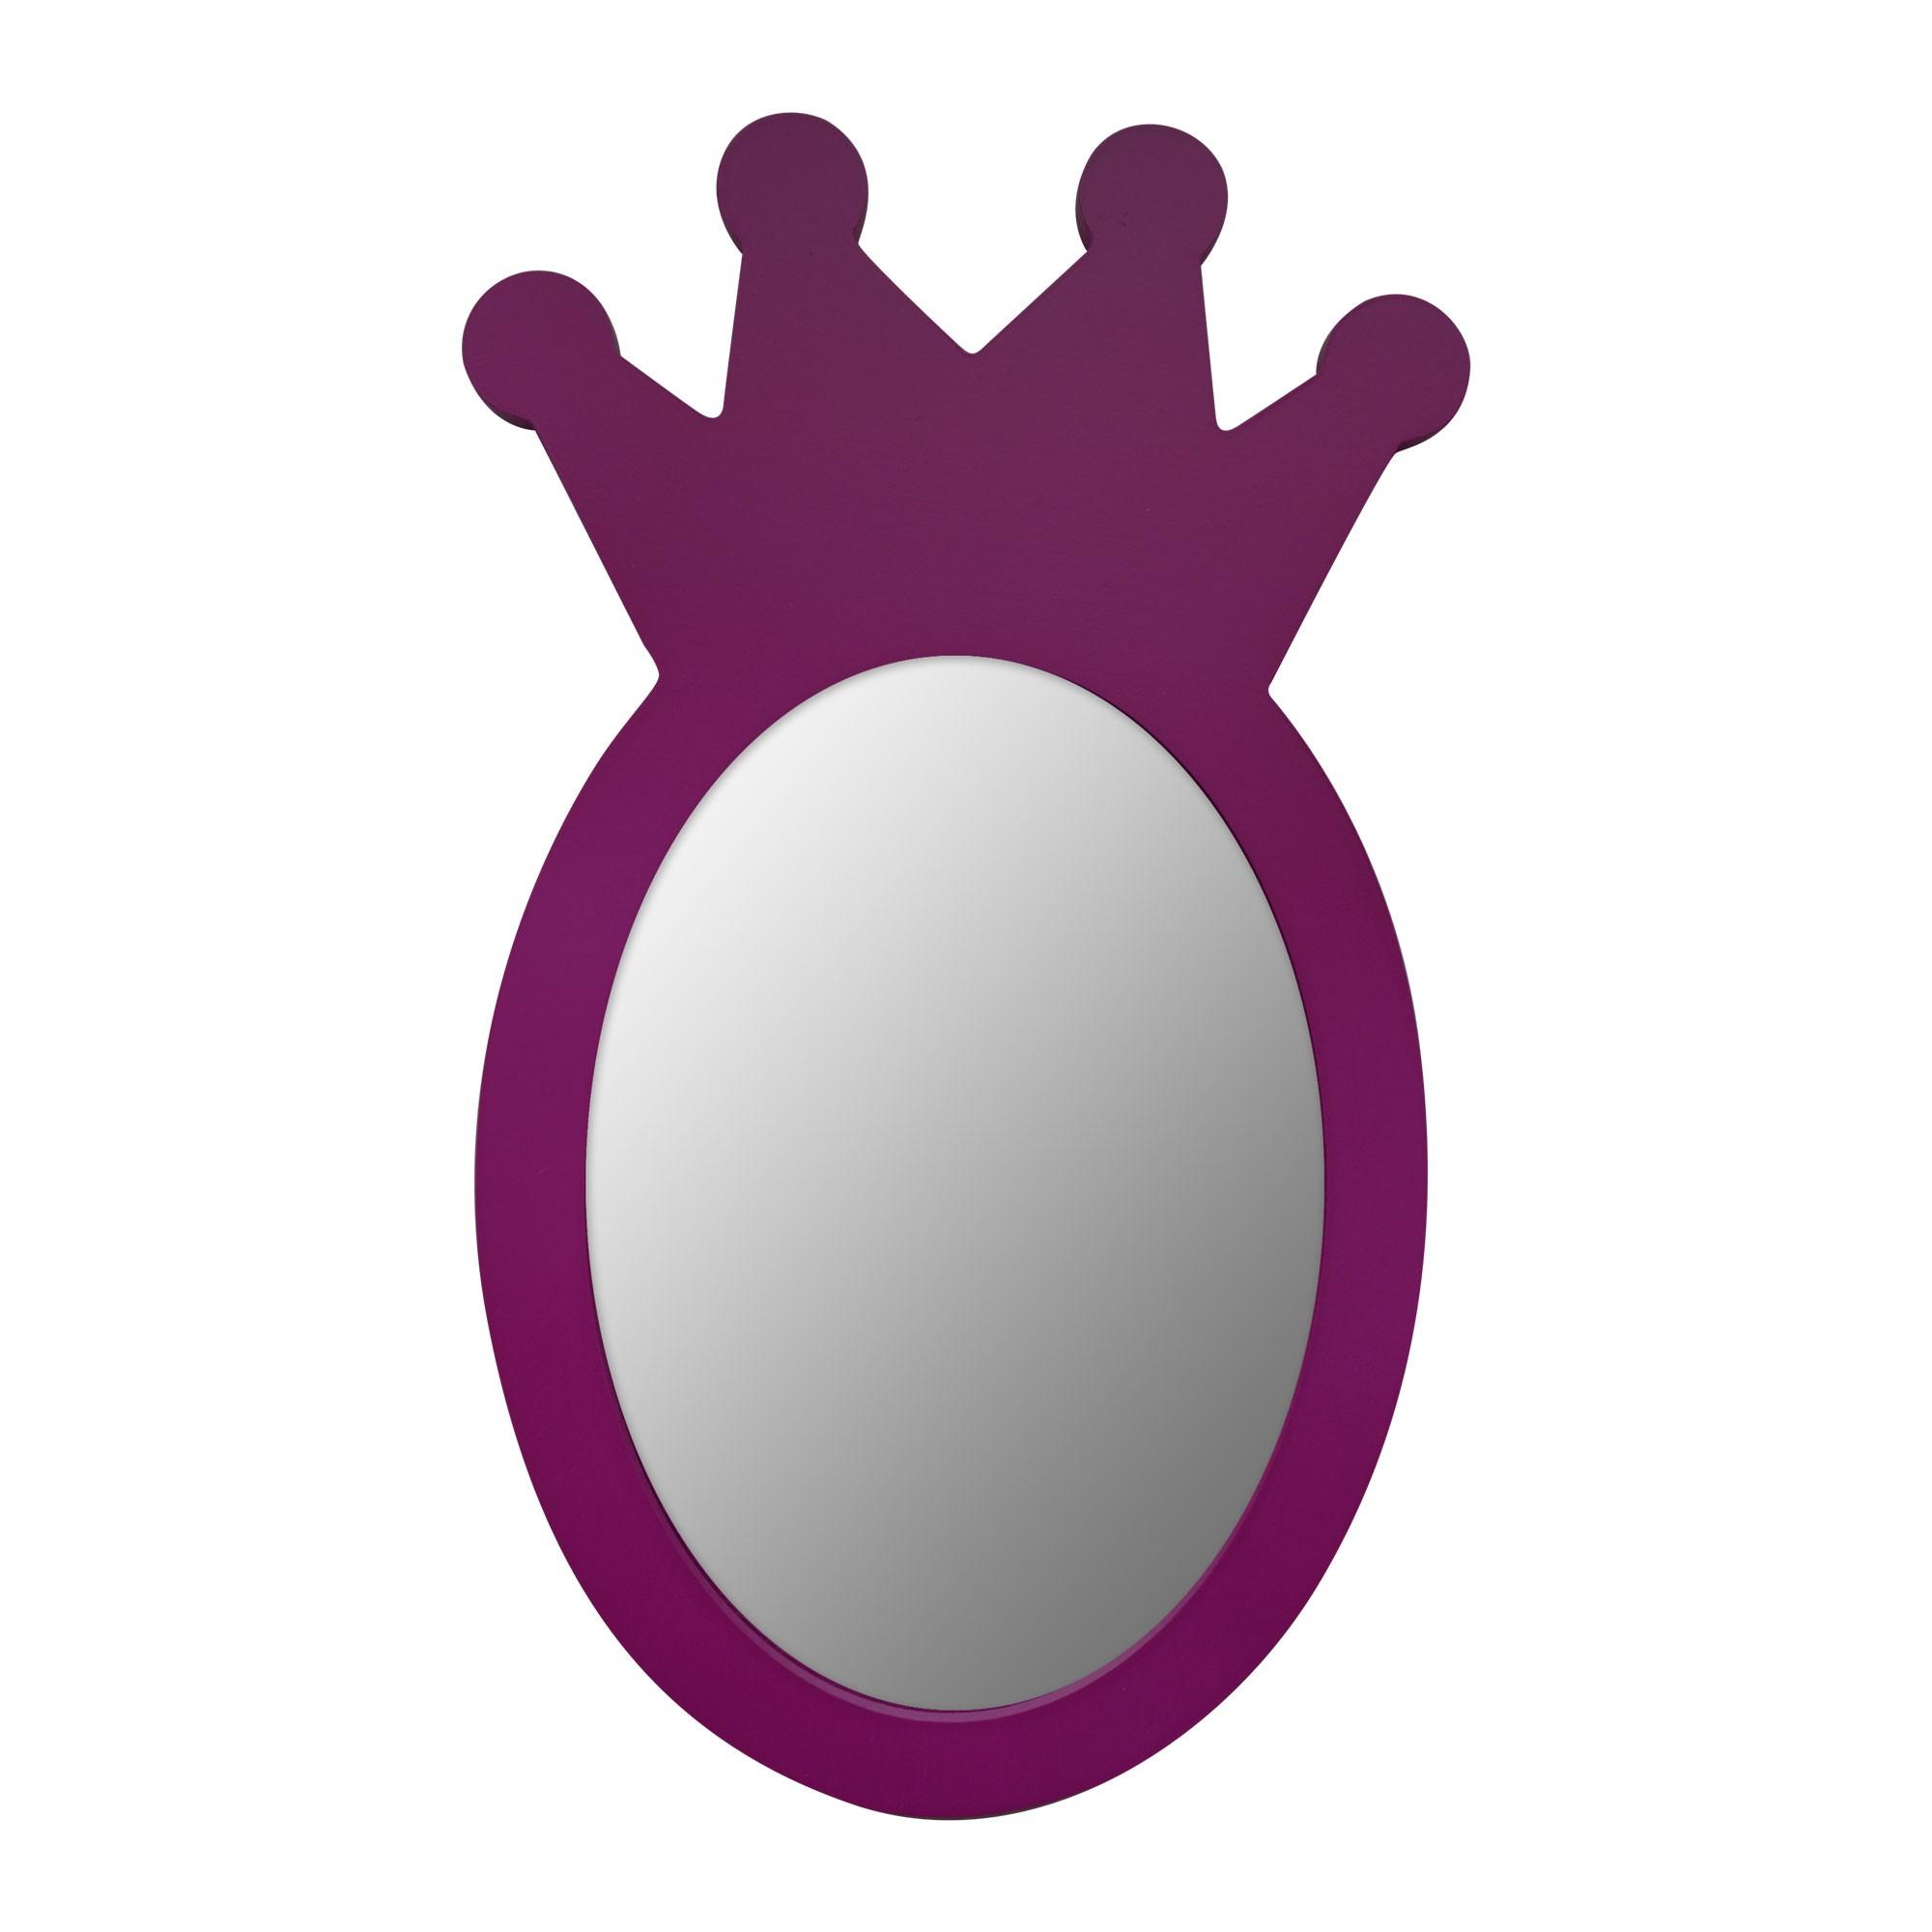 miroir mdf couronne violet 30x18